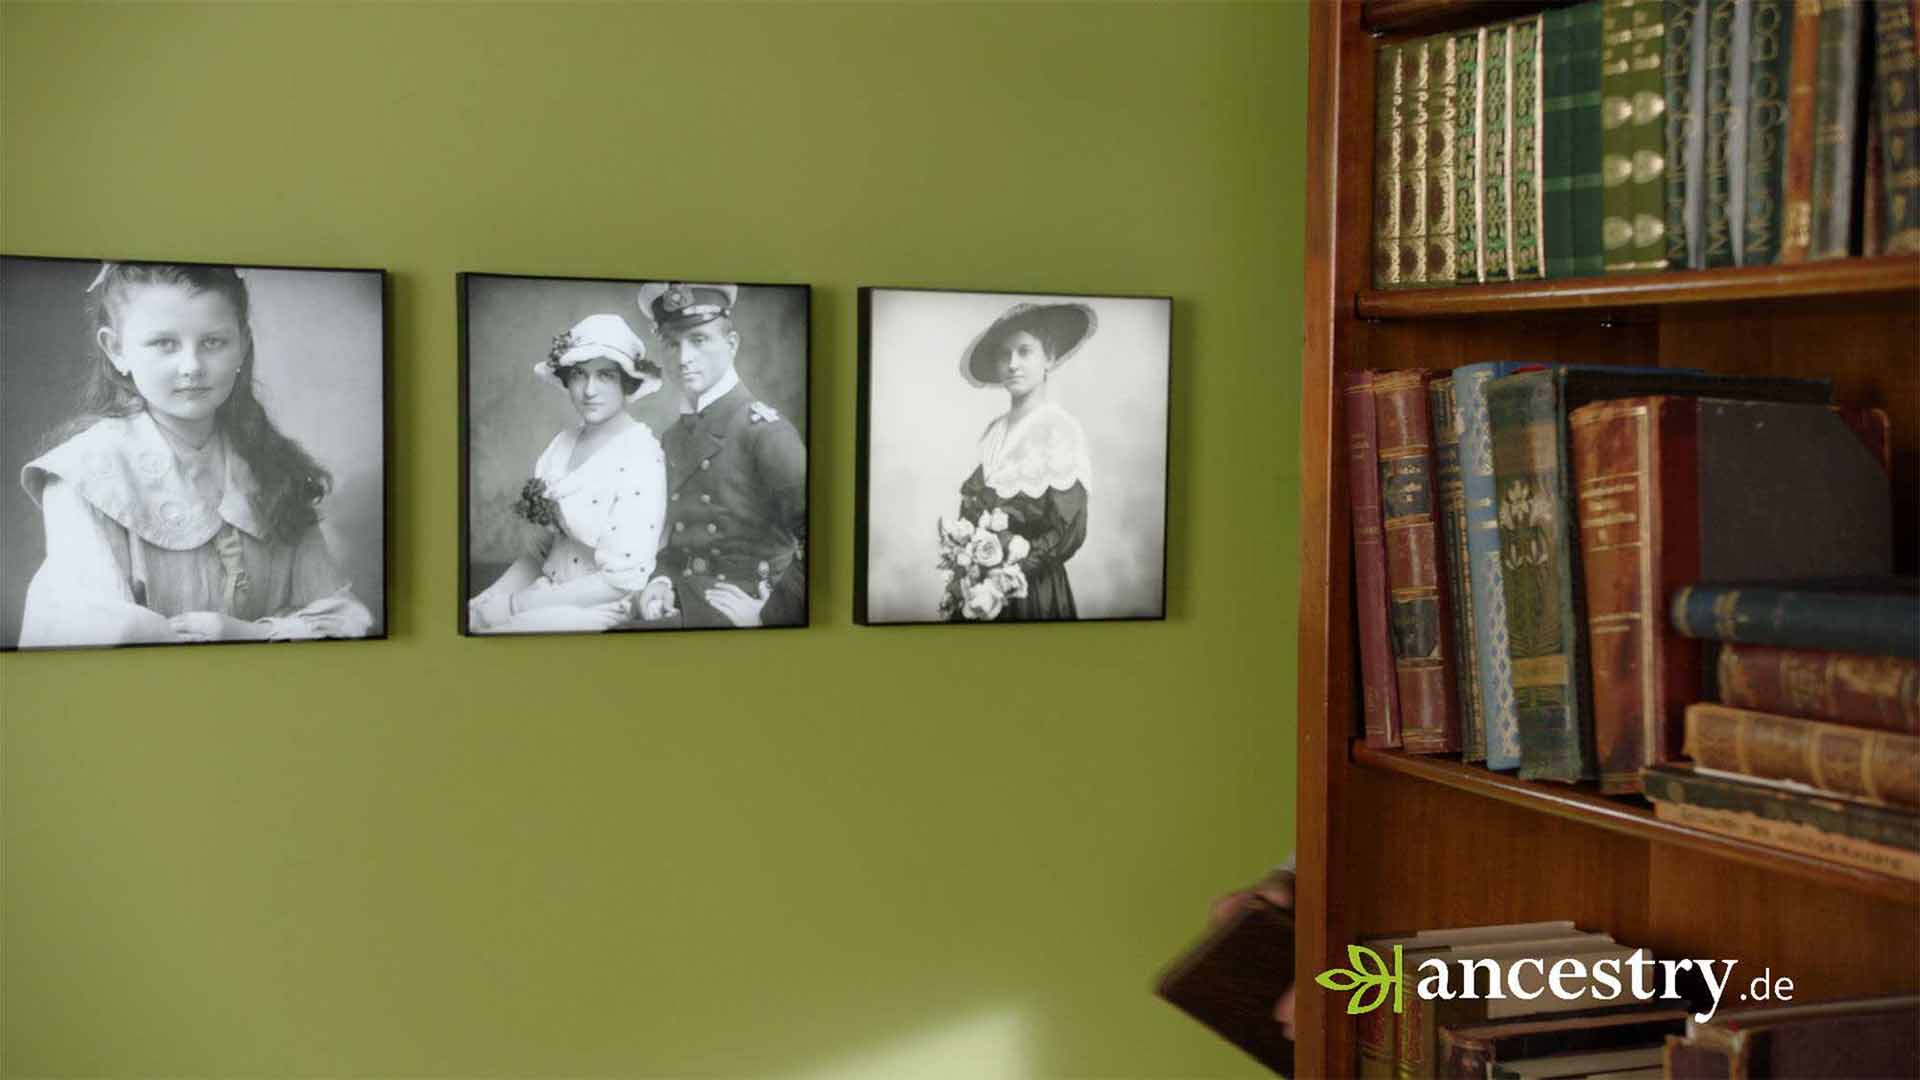 Das Bild zeigt ein Bücherregal. In diesem stehen ältere Bücher. Links neben dem Bücherregal ist eine grüne Wand zu sehen. An dieser Wand sind drei Bilder angebracht. Auf diesen Bildern ist eine Frau, ein Paar und ein Mädchen zu sehen. Das Bild dient als Sliderbild für den Portfolioeintrag Ancestry – DRTV Spot von Panda Pictures.